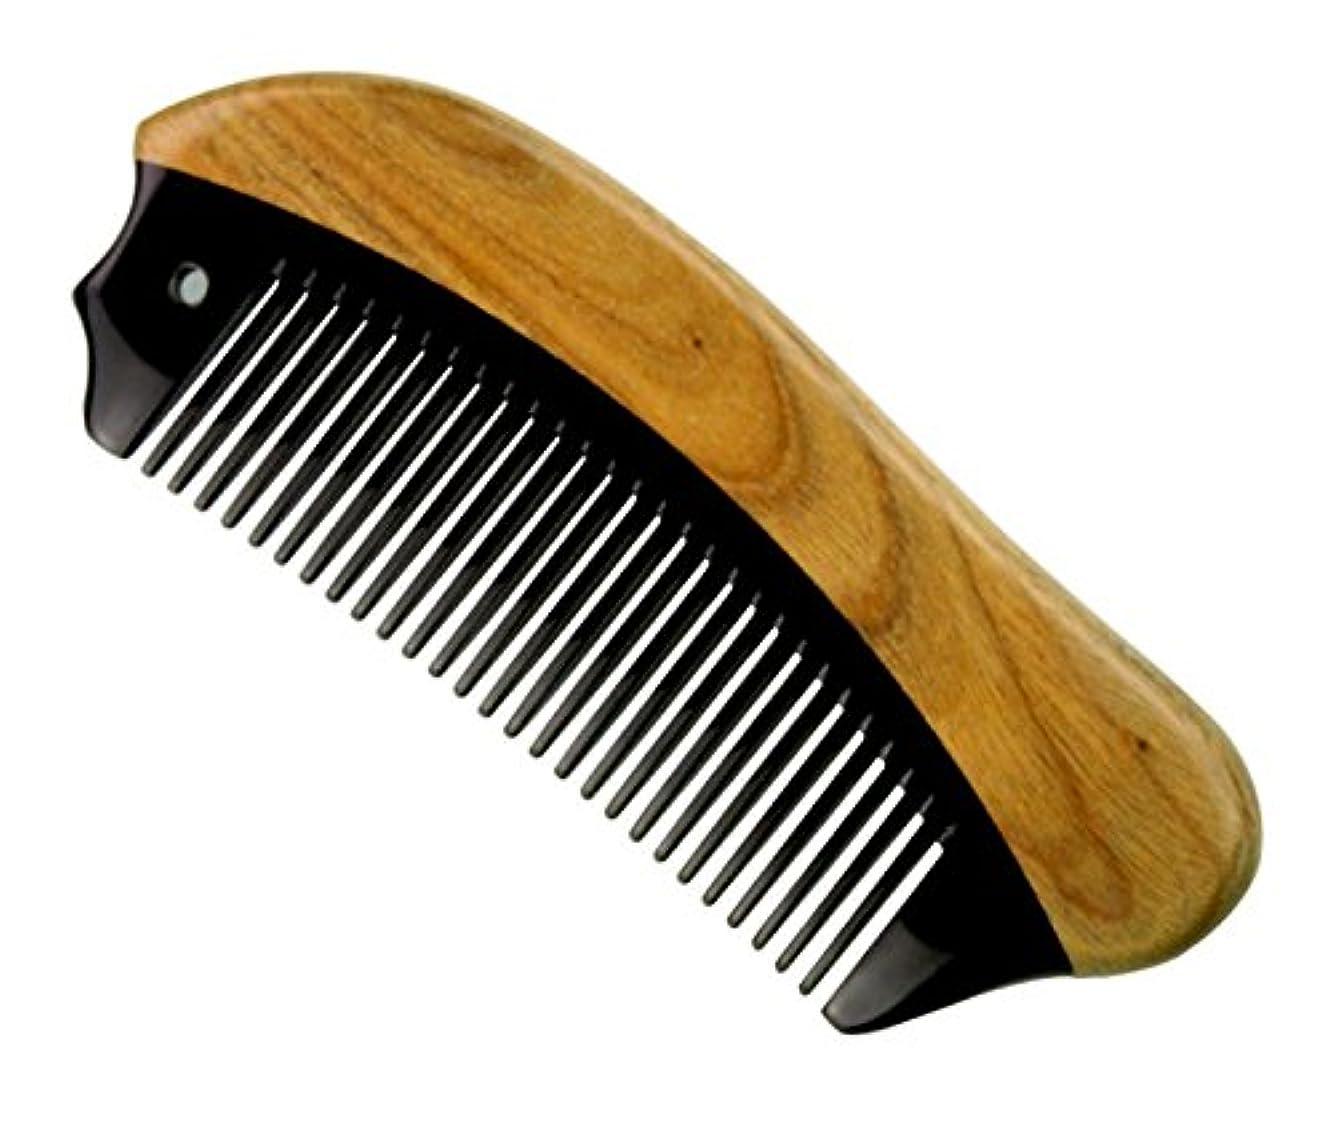 櫛型 プロも使う牛角かっさプレート マサージ用 血行改善 高級 天然 静電気 防止 美髪 敬老の日(牛の角と檀木)